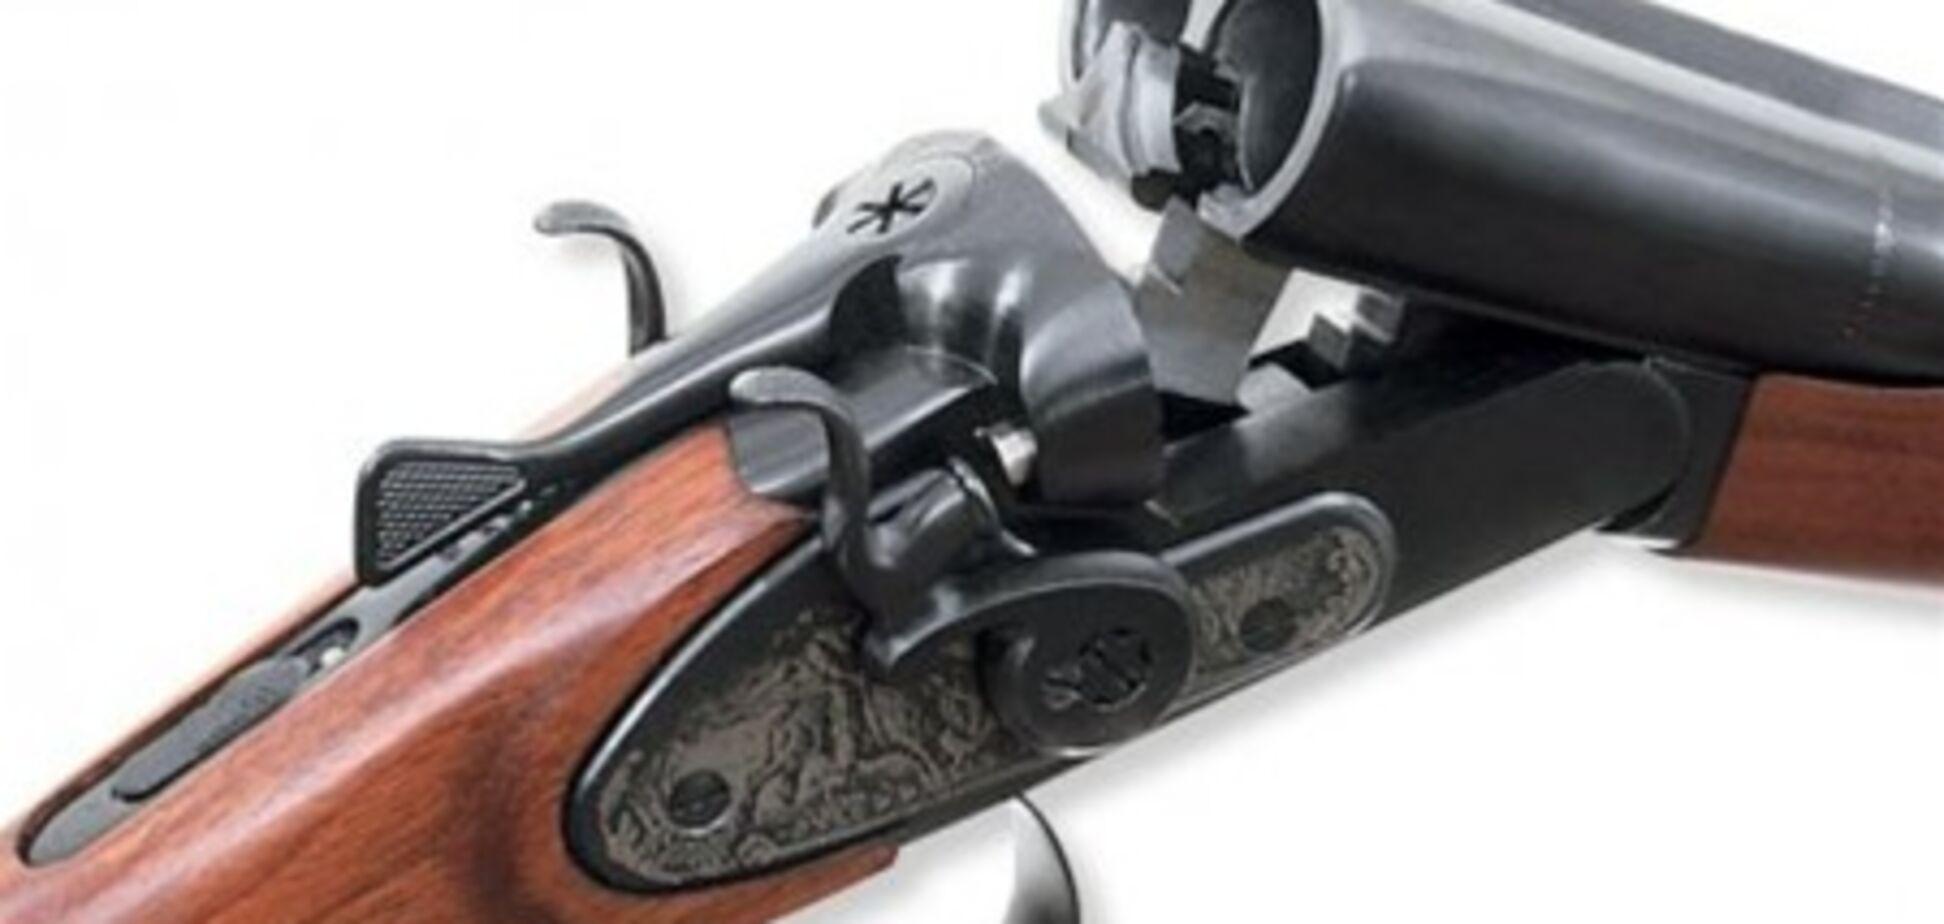 Для безопасности пенсионер из Броваров вышел на прогулку с двумя ружьями